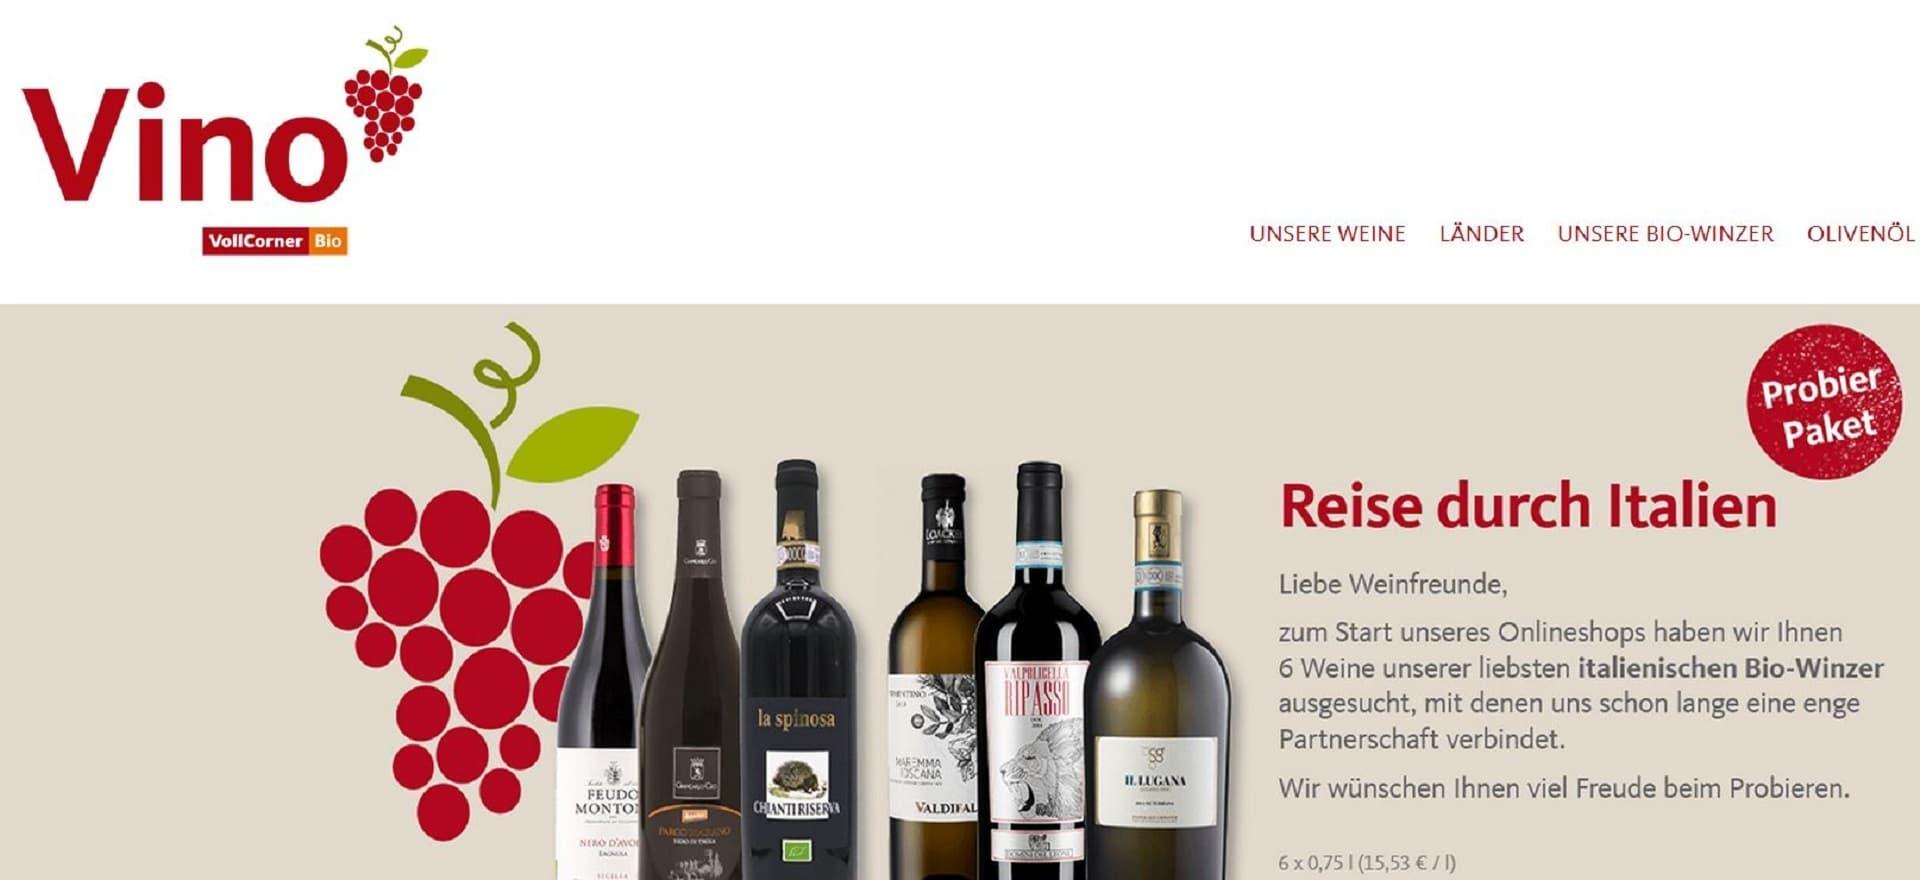 Vollcorner Online-Shop Vino Wein